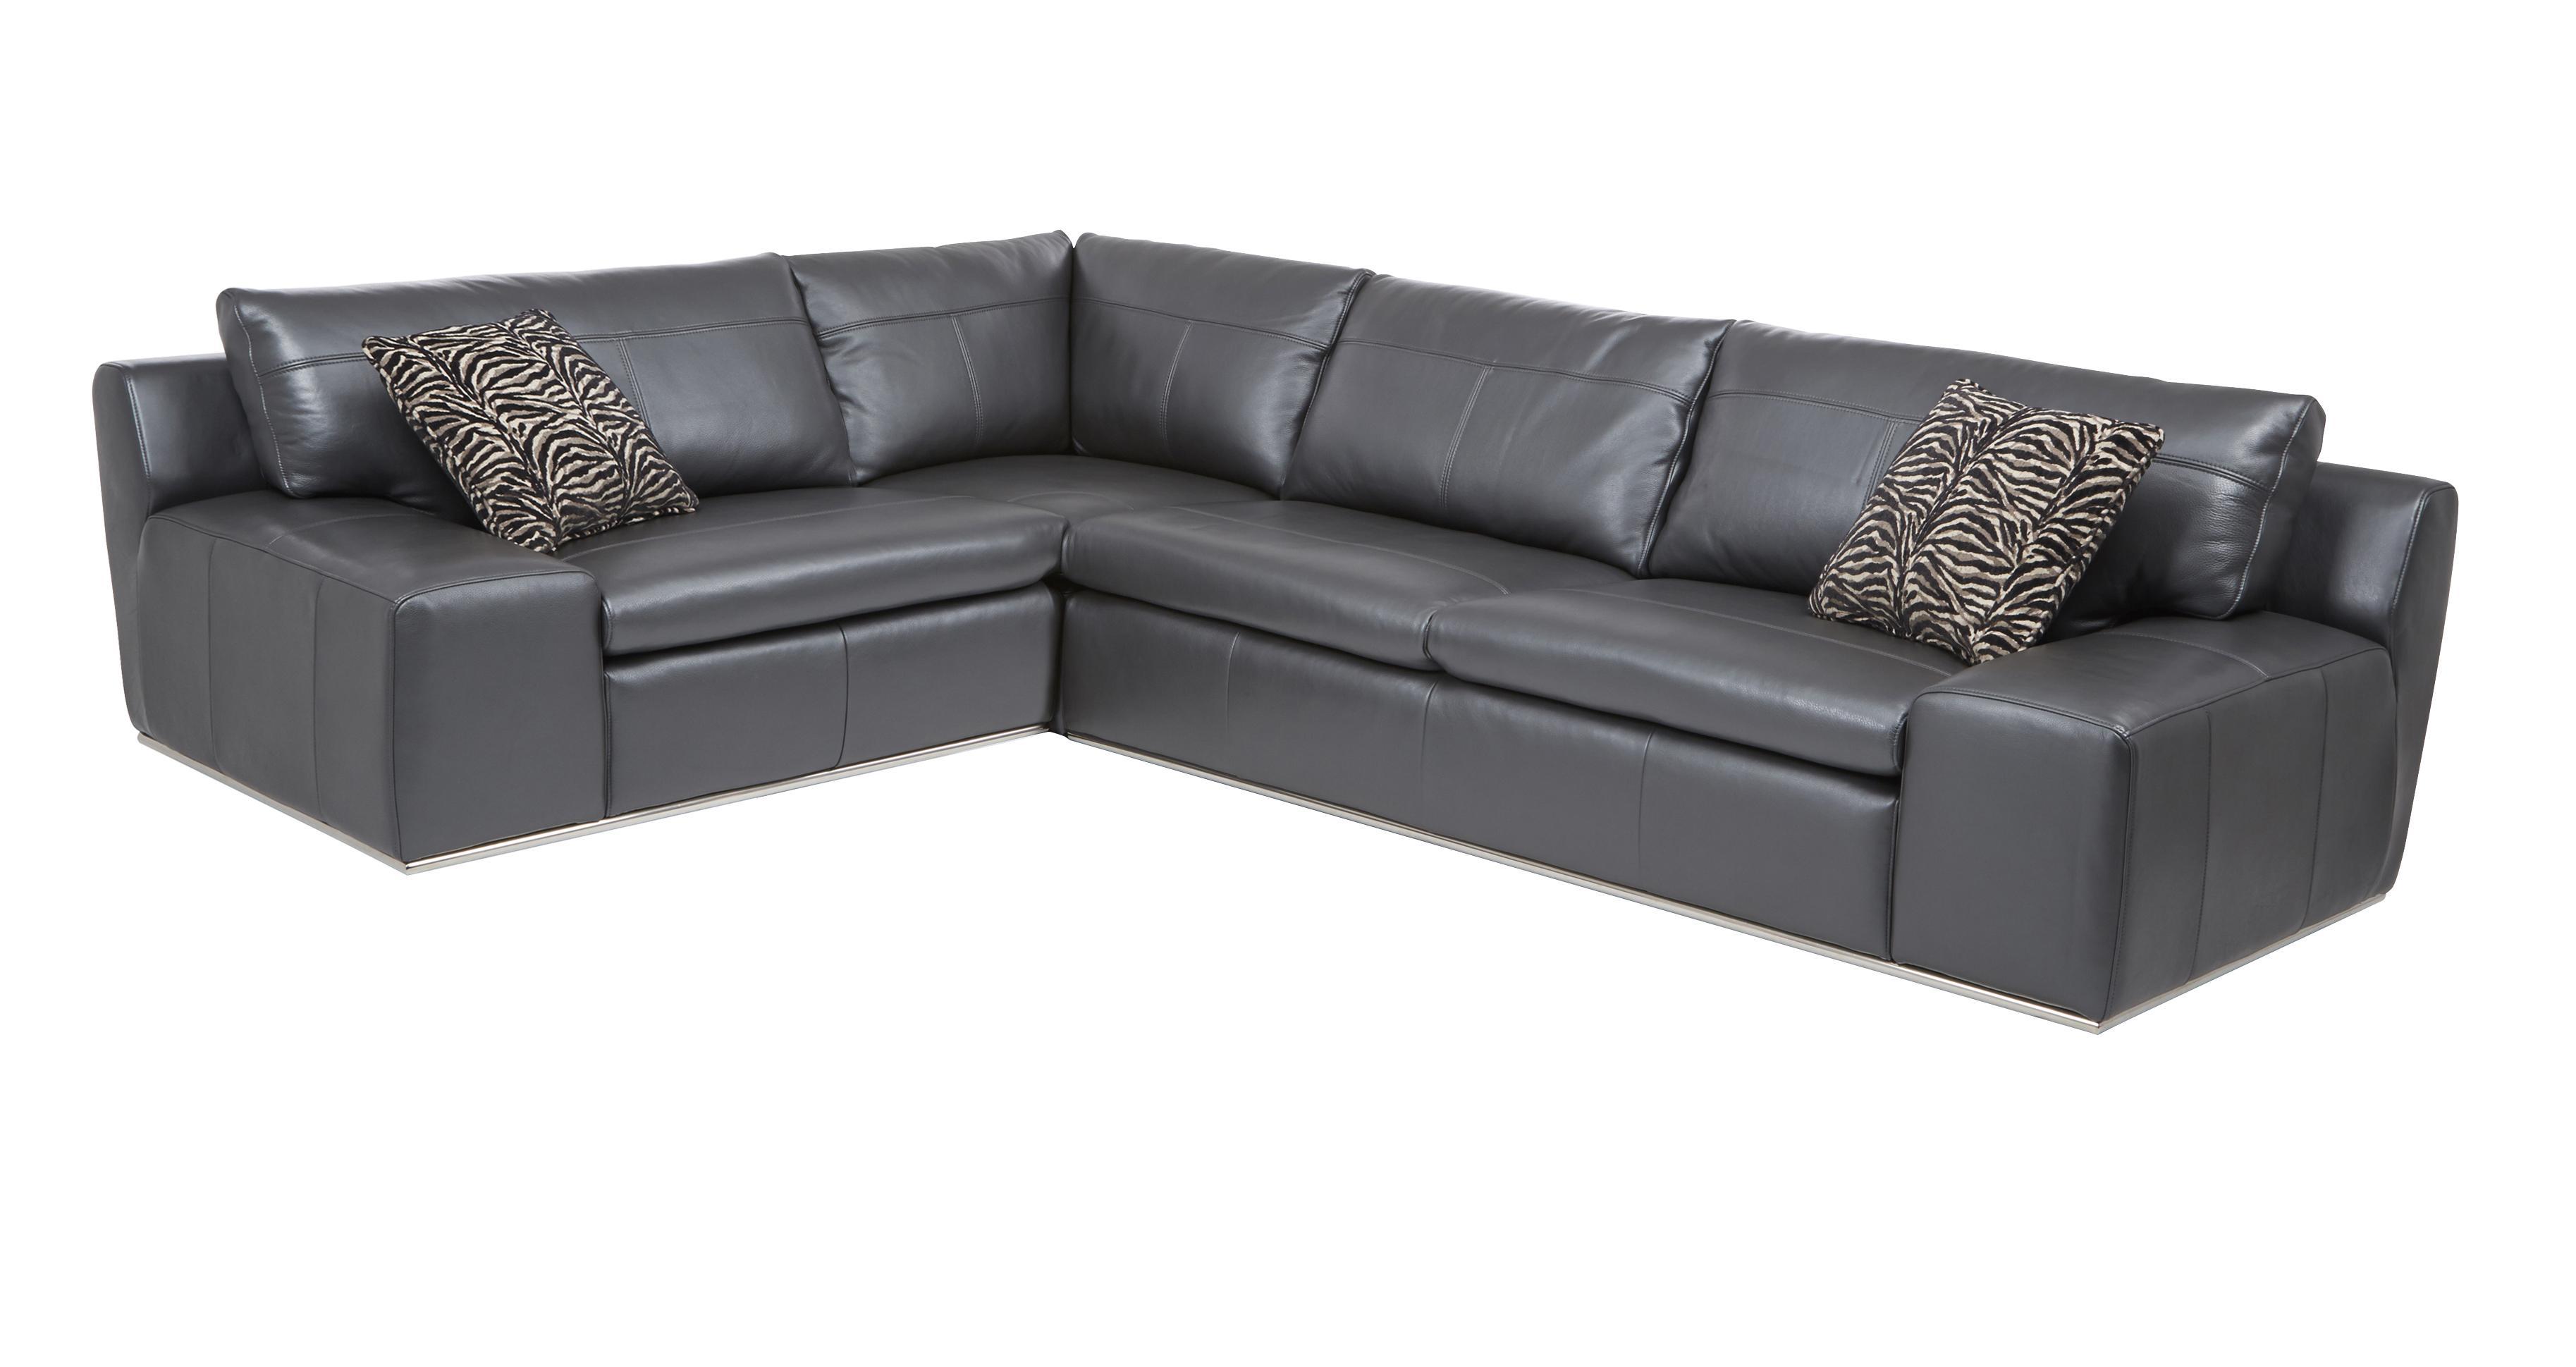 Palladium optie d rechtszijdige zits hoekbank fuse leather dfs